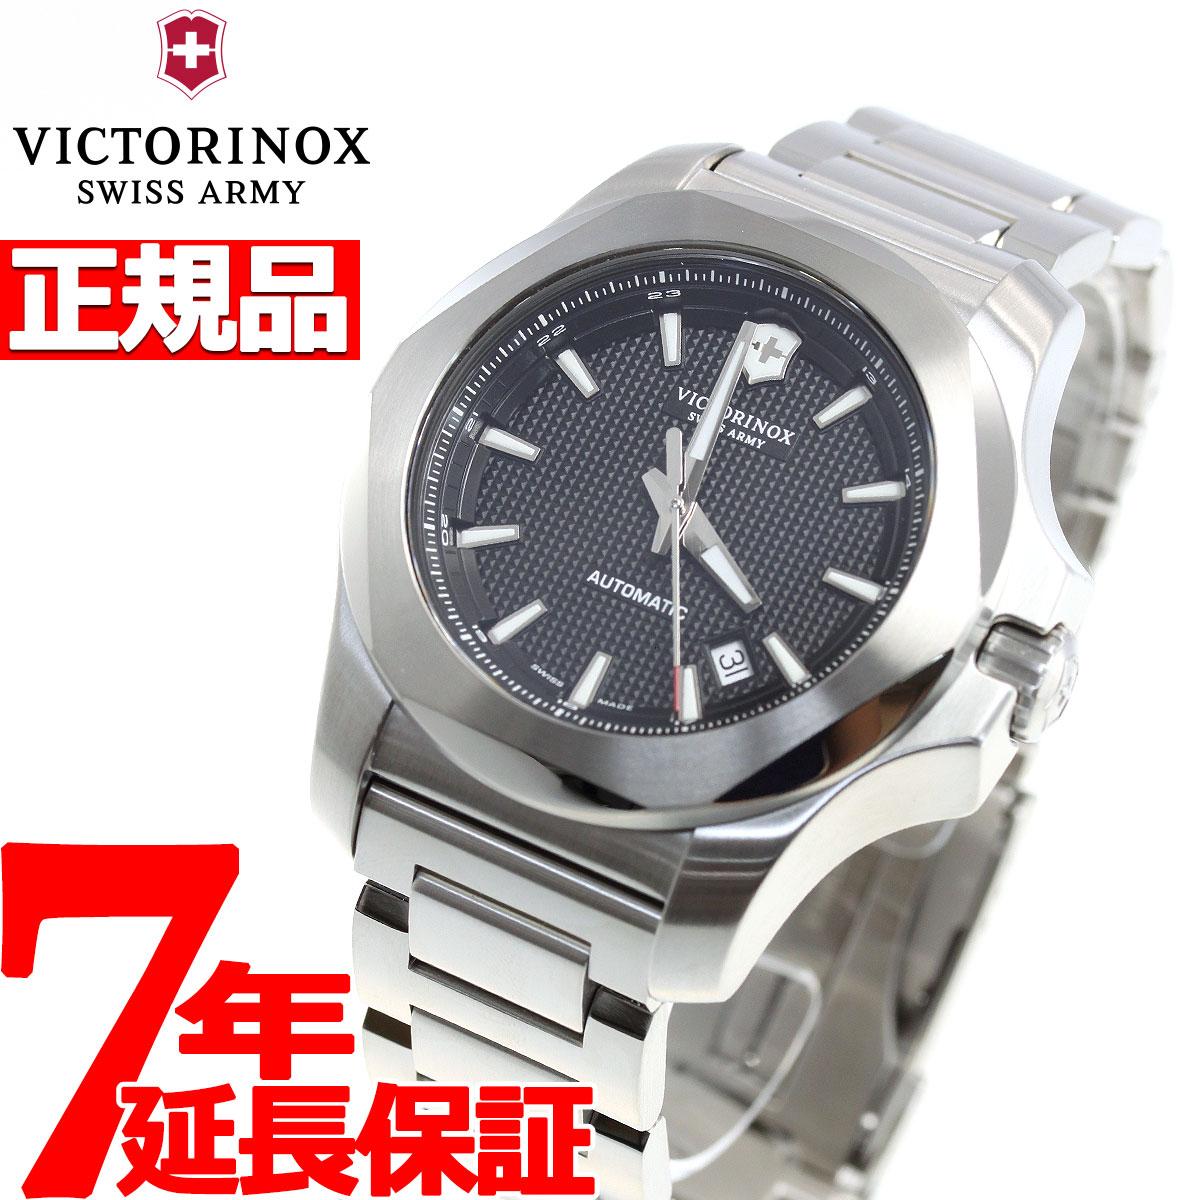 【本日限定!店内ポイント最大60倍&2000円OFFクーポン!10日23時59分まで】ビクトリノックス 時計 メンズ イノックス メカニカル 自動巻き VICTORINOX MECHANICAL 腕時計 I.N.O.X. 241837